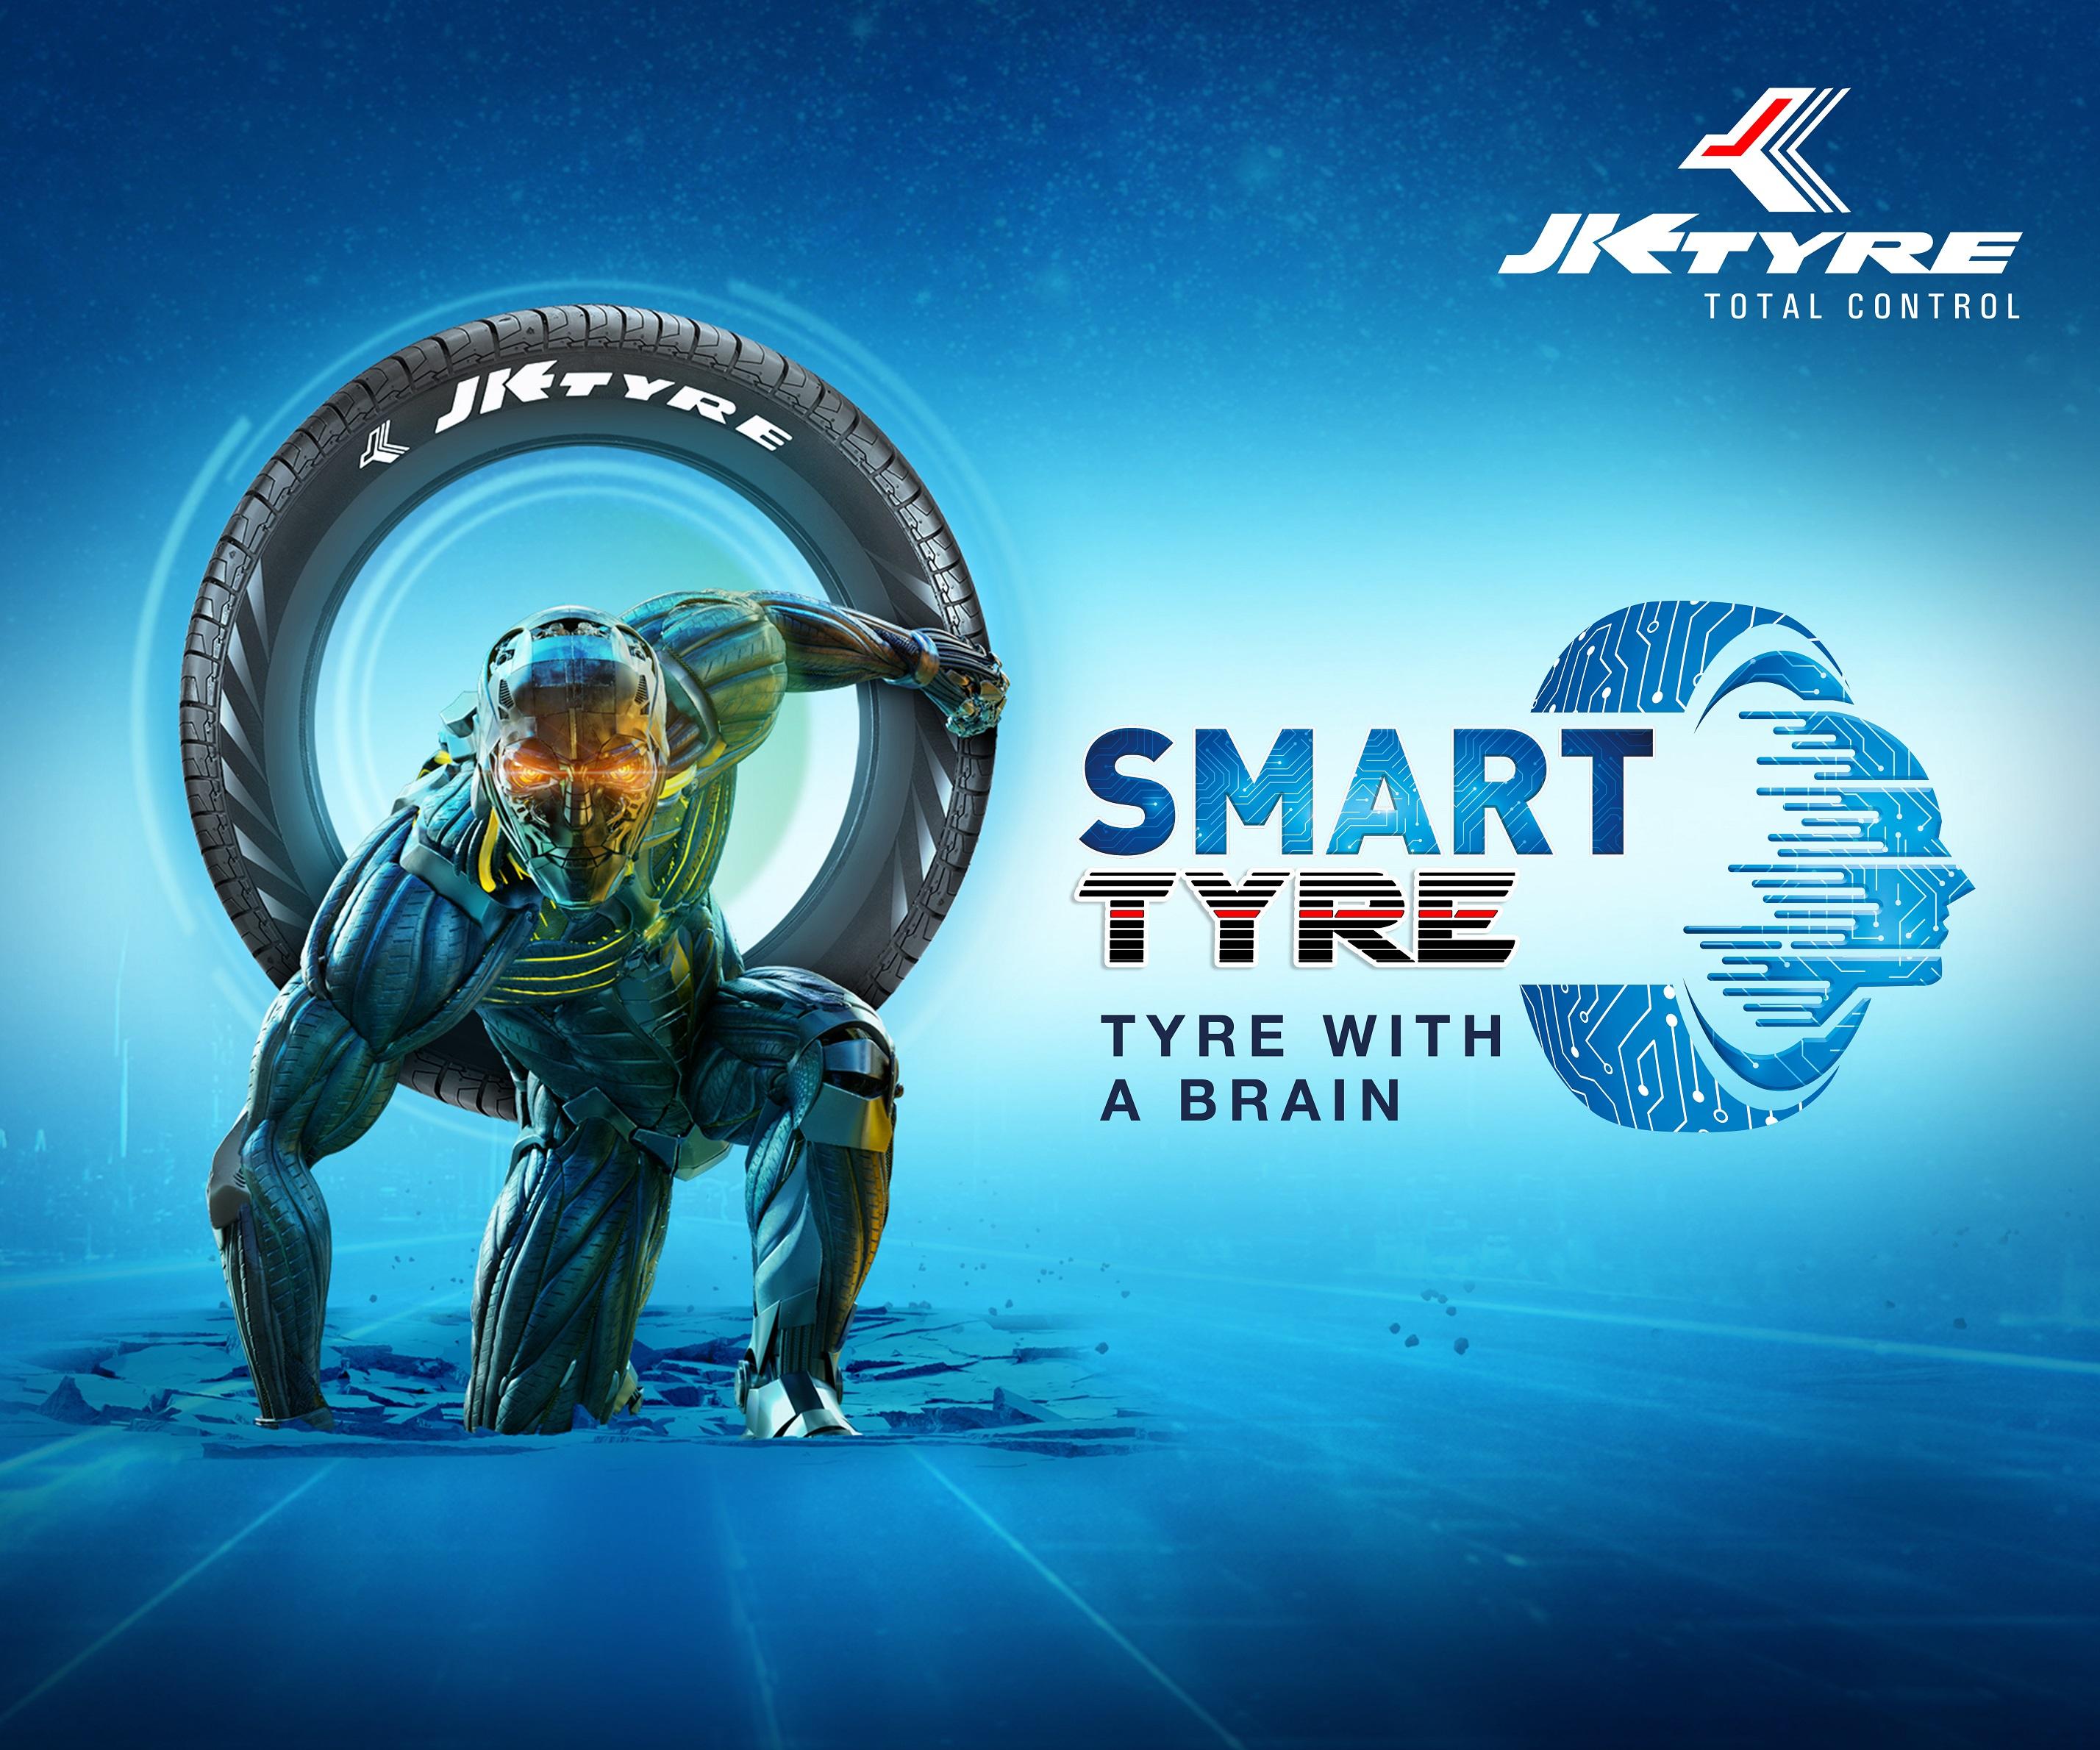 जेके टायर एण्ड इंडस्ट्रीज ने अपना नया टीवीसी अभियान लॉन्च किया